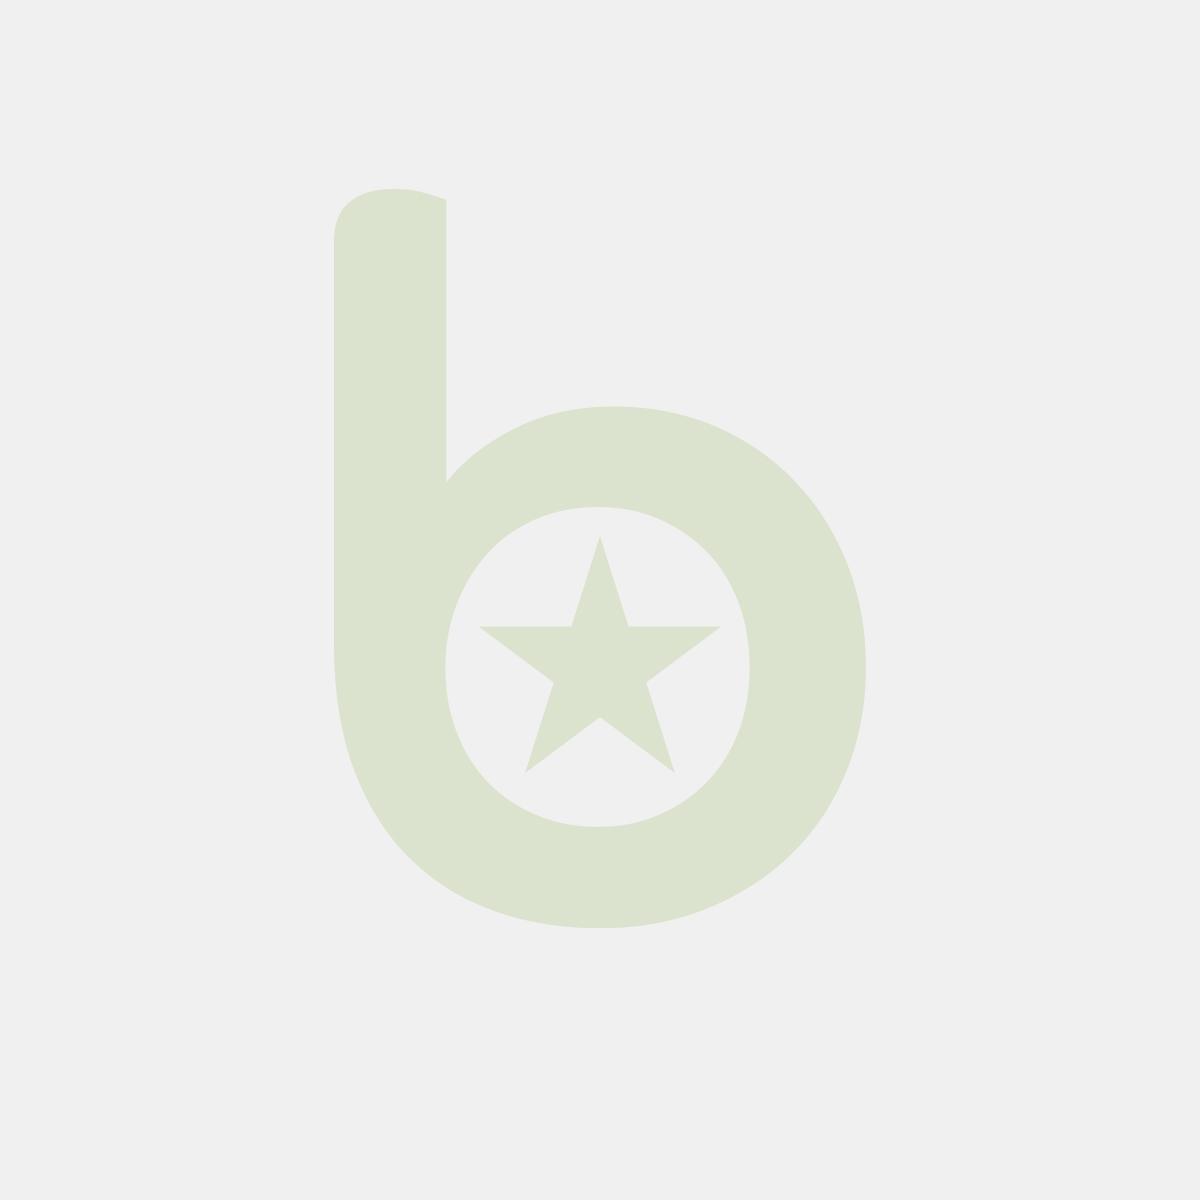 Pojemnik DUNI Bioplastic do zgrzewu 227x178xh.50 niedzielny, biały-naturalny, op. 216 sztuk